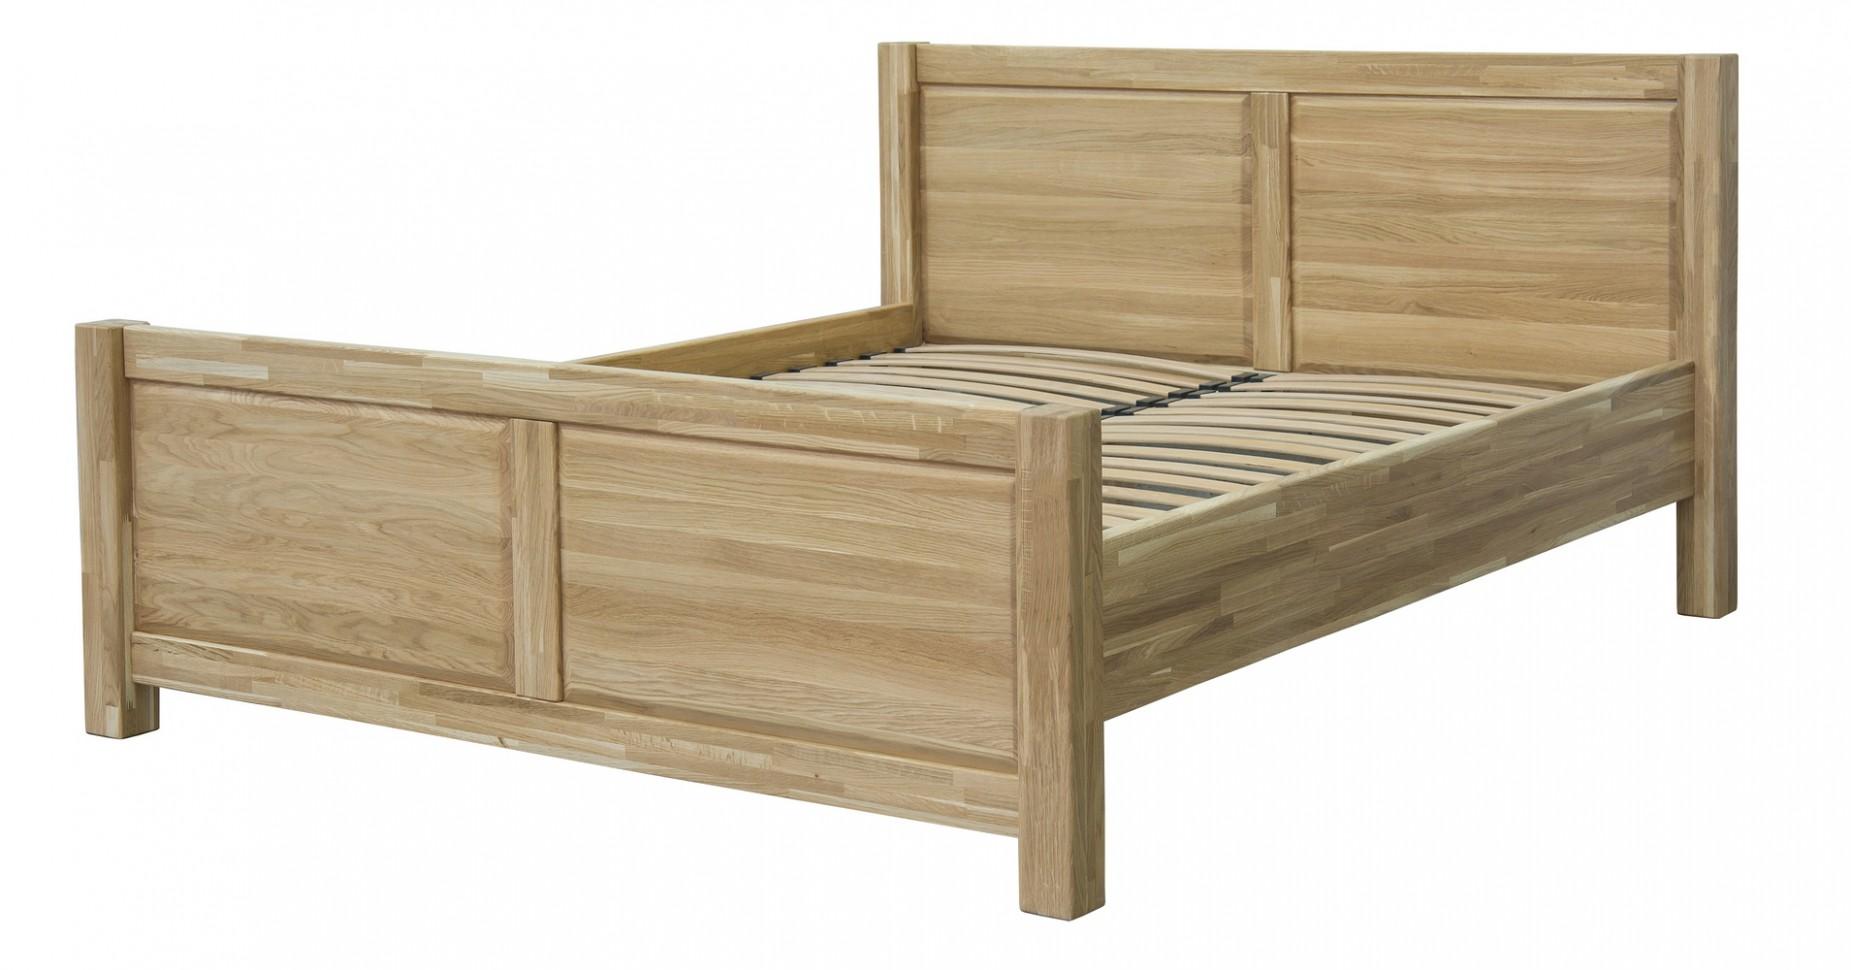 Postel z masivu 72 x 72cm, včetně roštu. Dřevěný nábytek - Postele ...